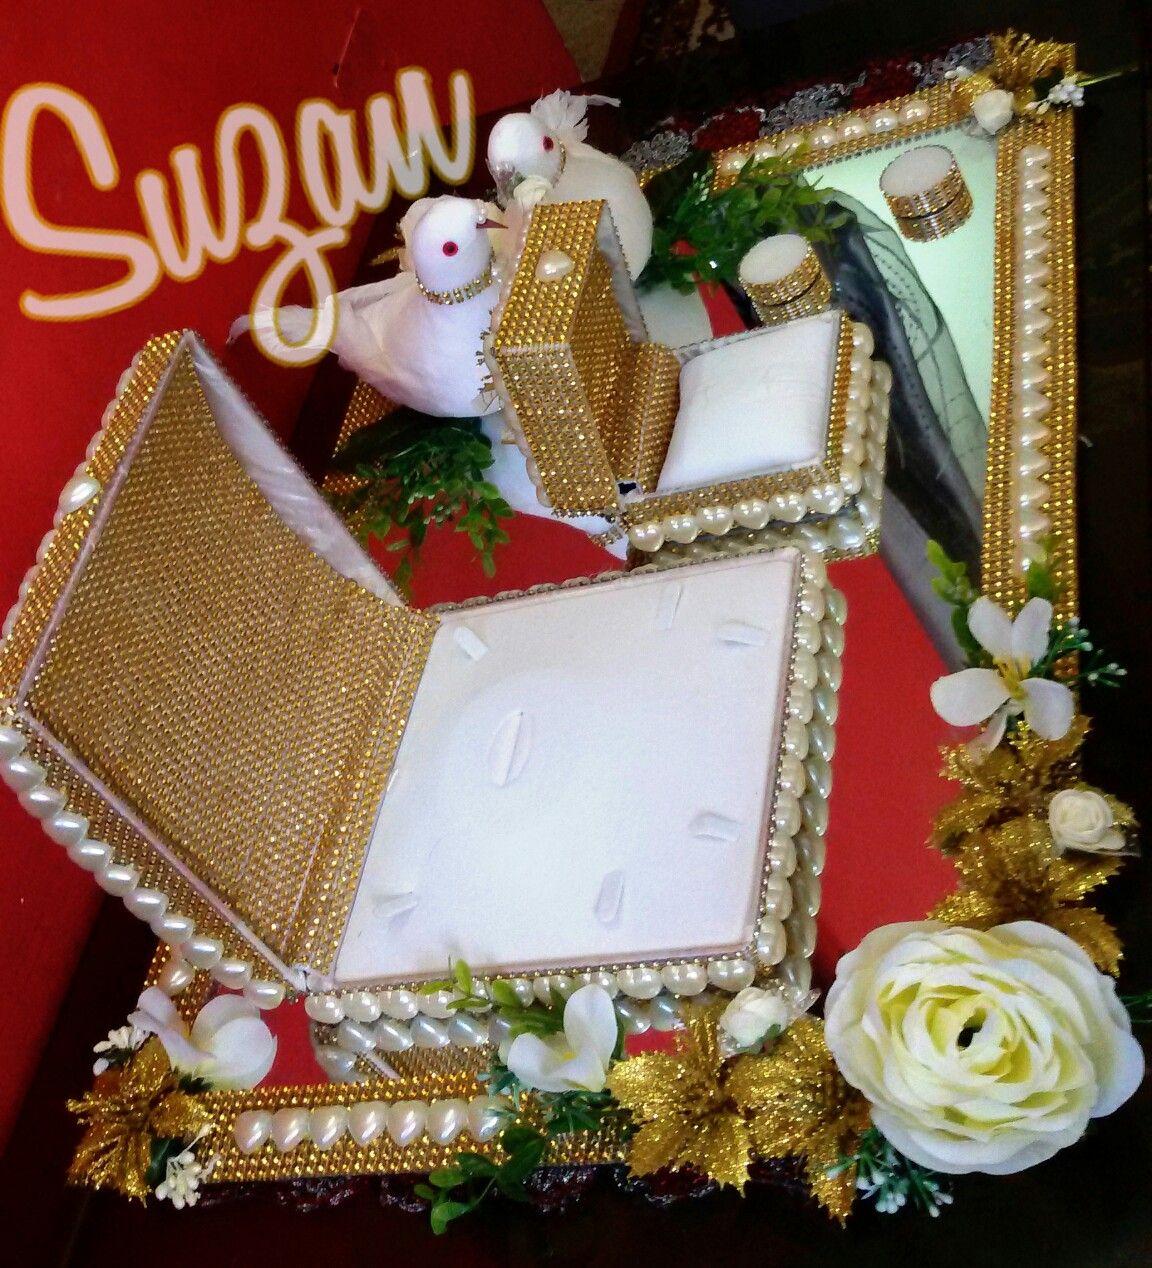 صينية ذهب العروس Bride S Gold Tray Wedding Arrangements Bridal Cap Jewellery Display